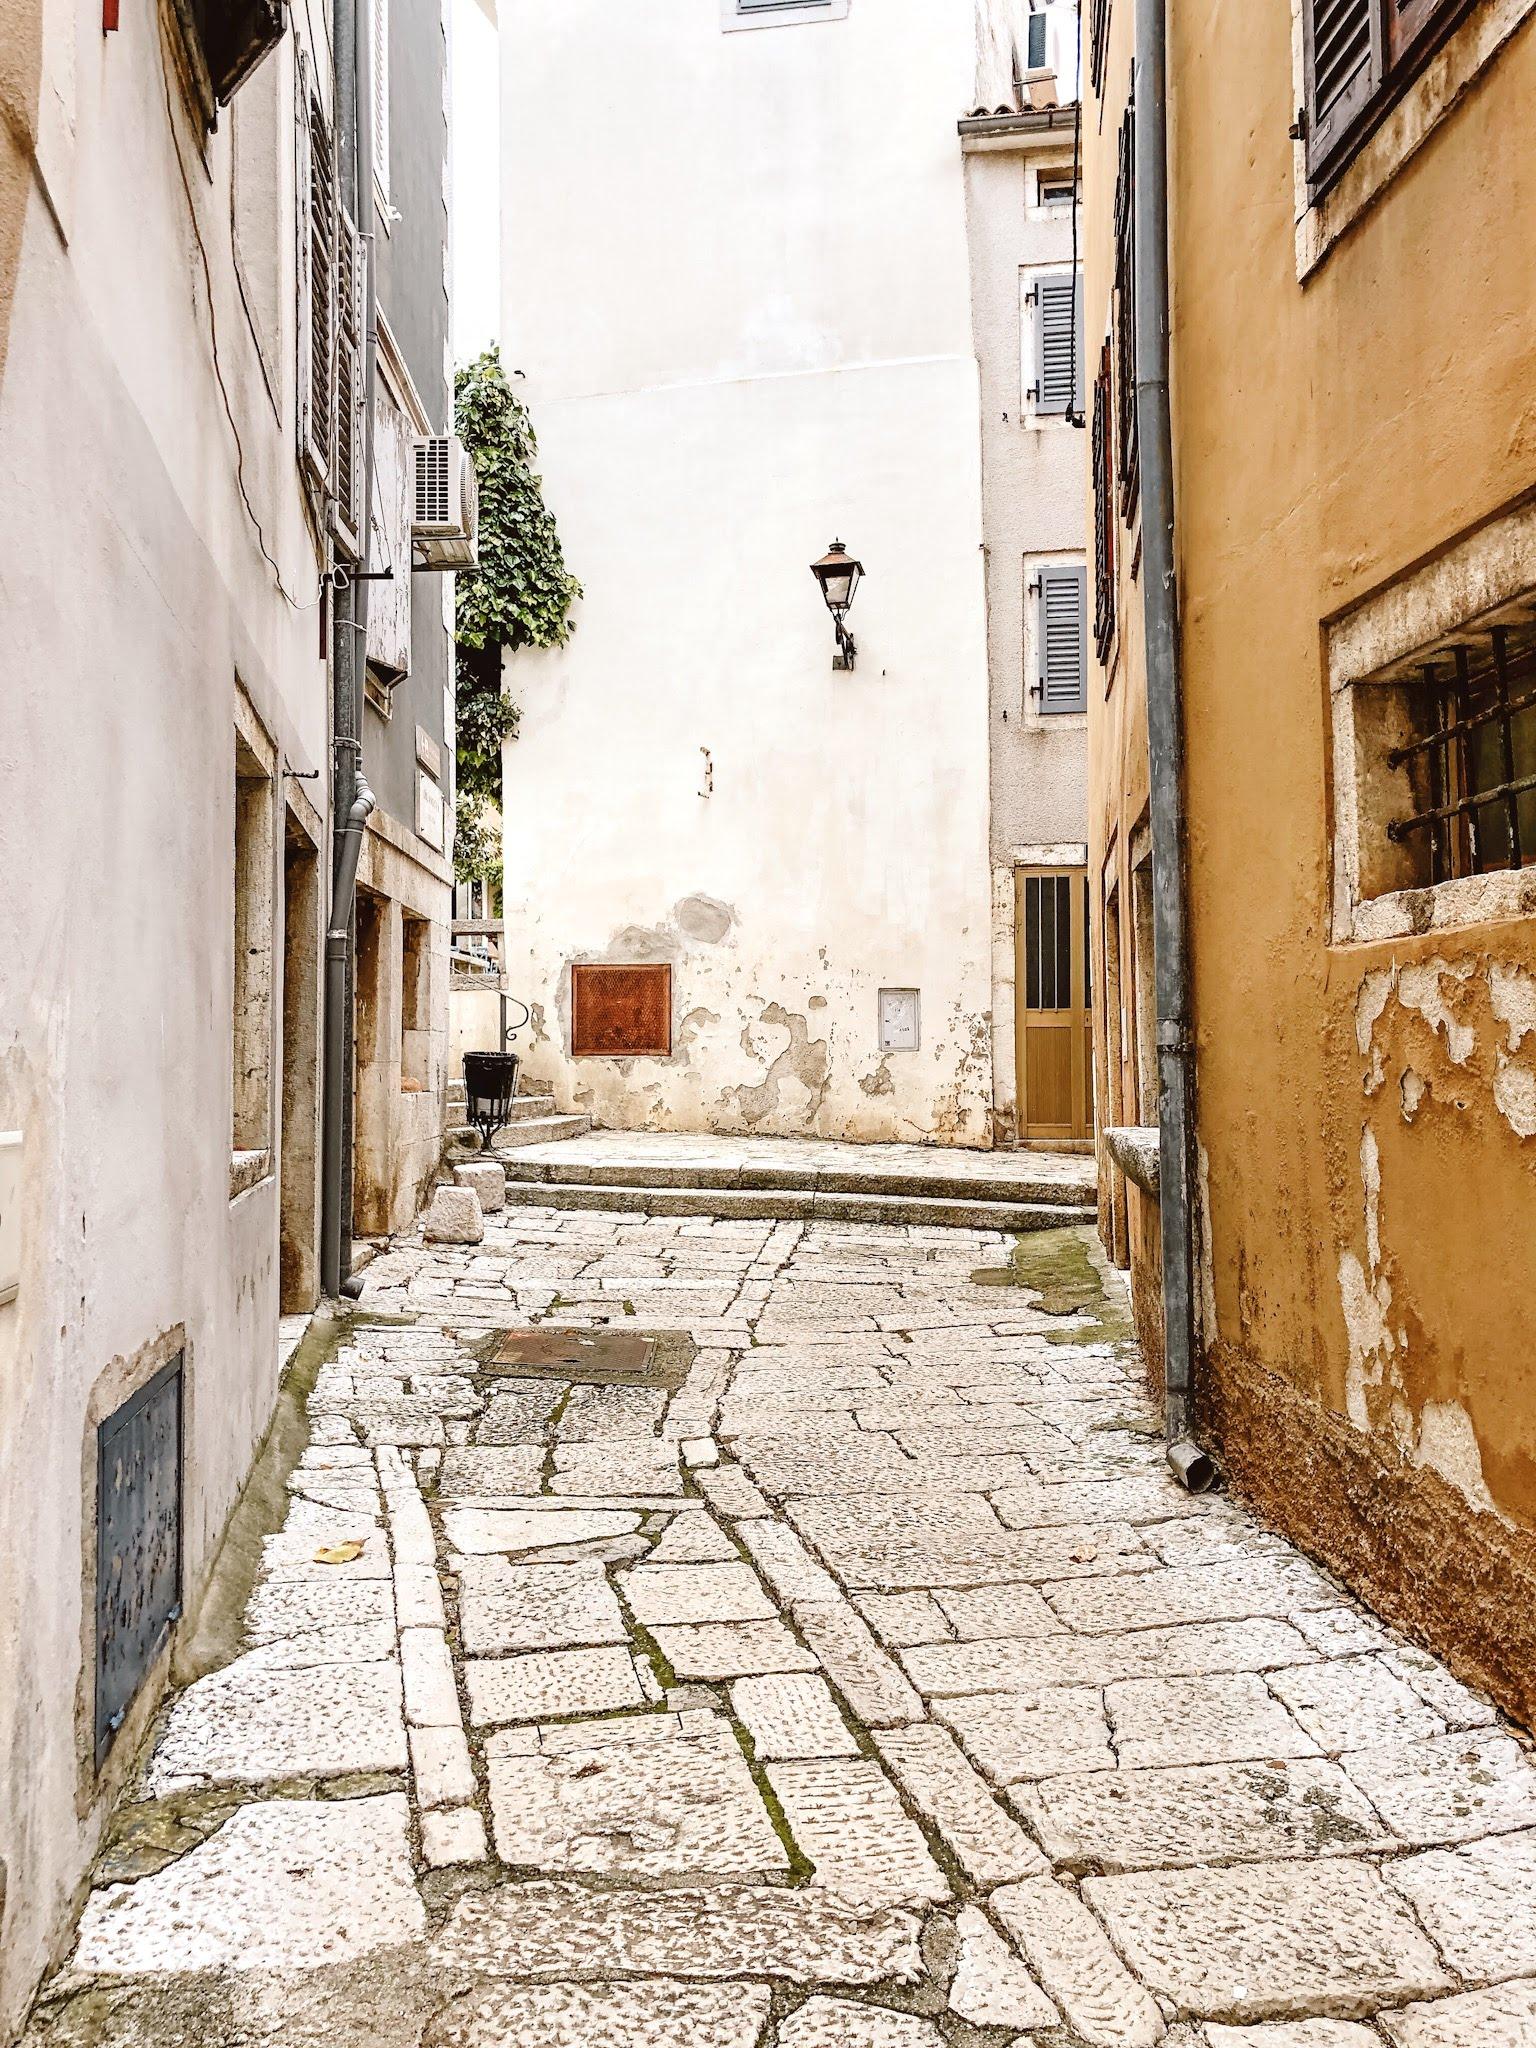 Street in Vrsar, Istria, Croatia